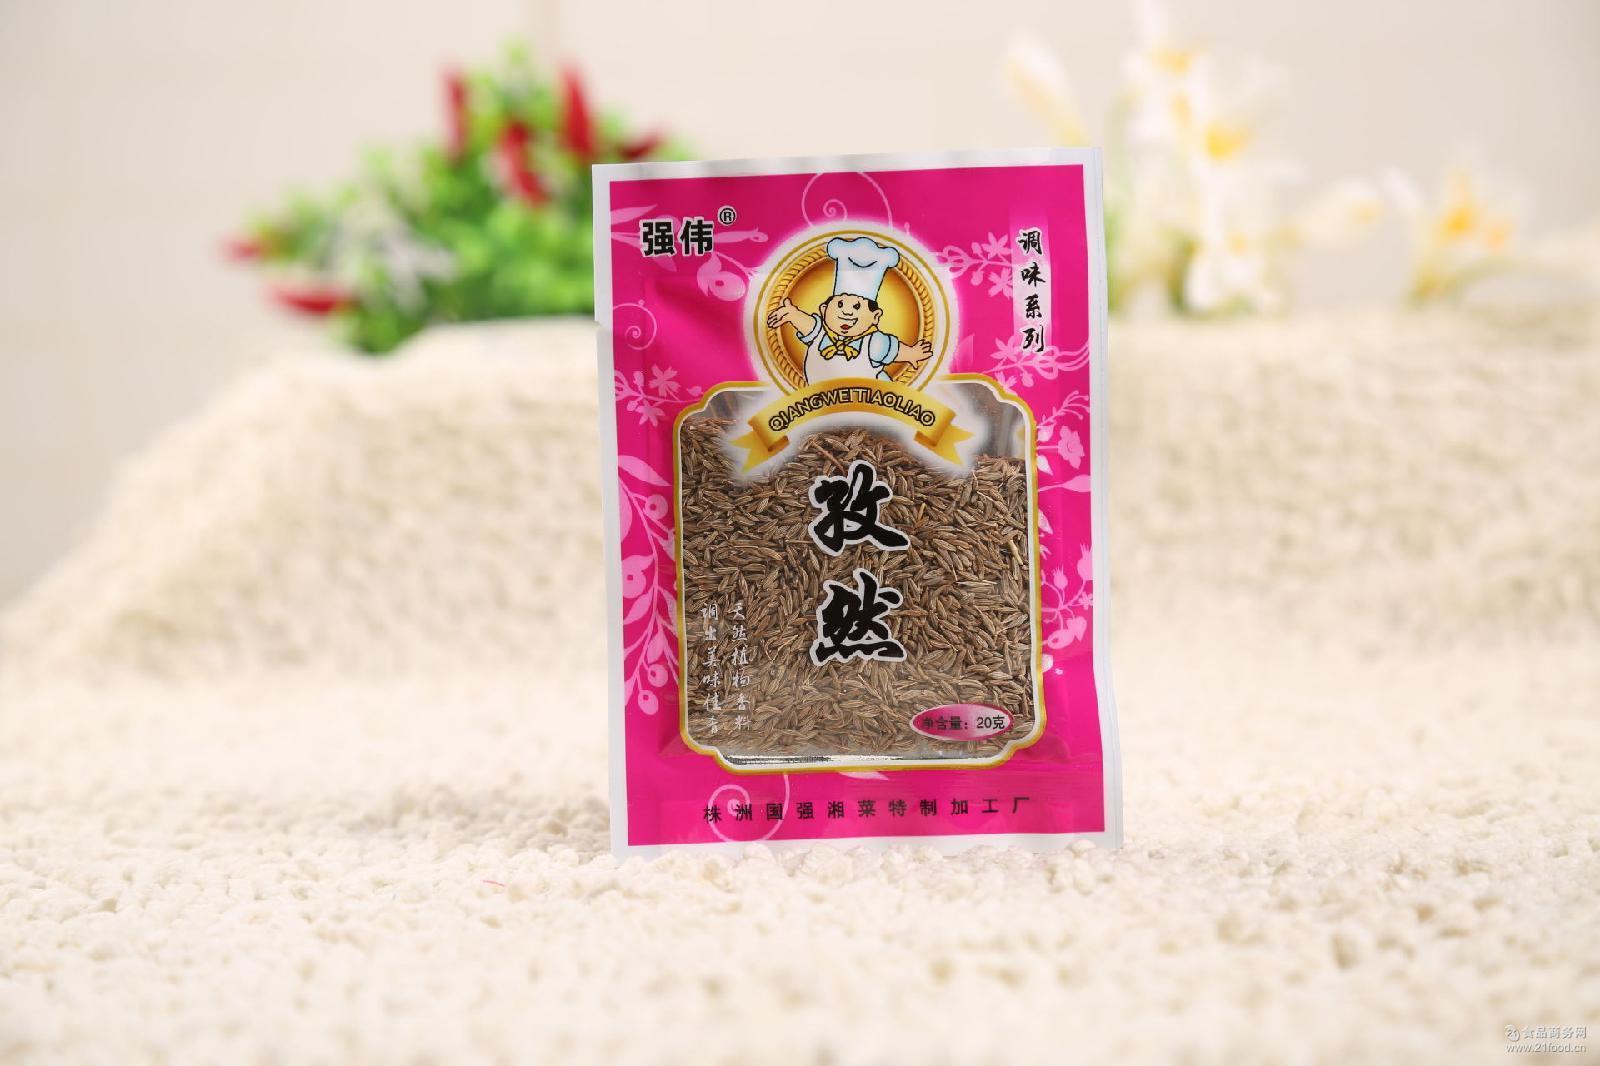 天然调味香料 厂家直销批发 孜然 烧烤 孜然粒20g小包装